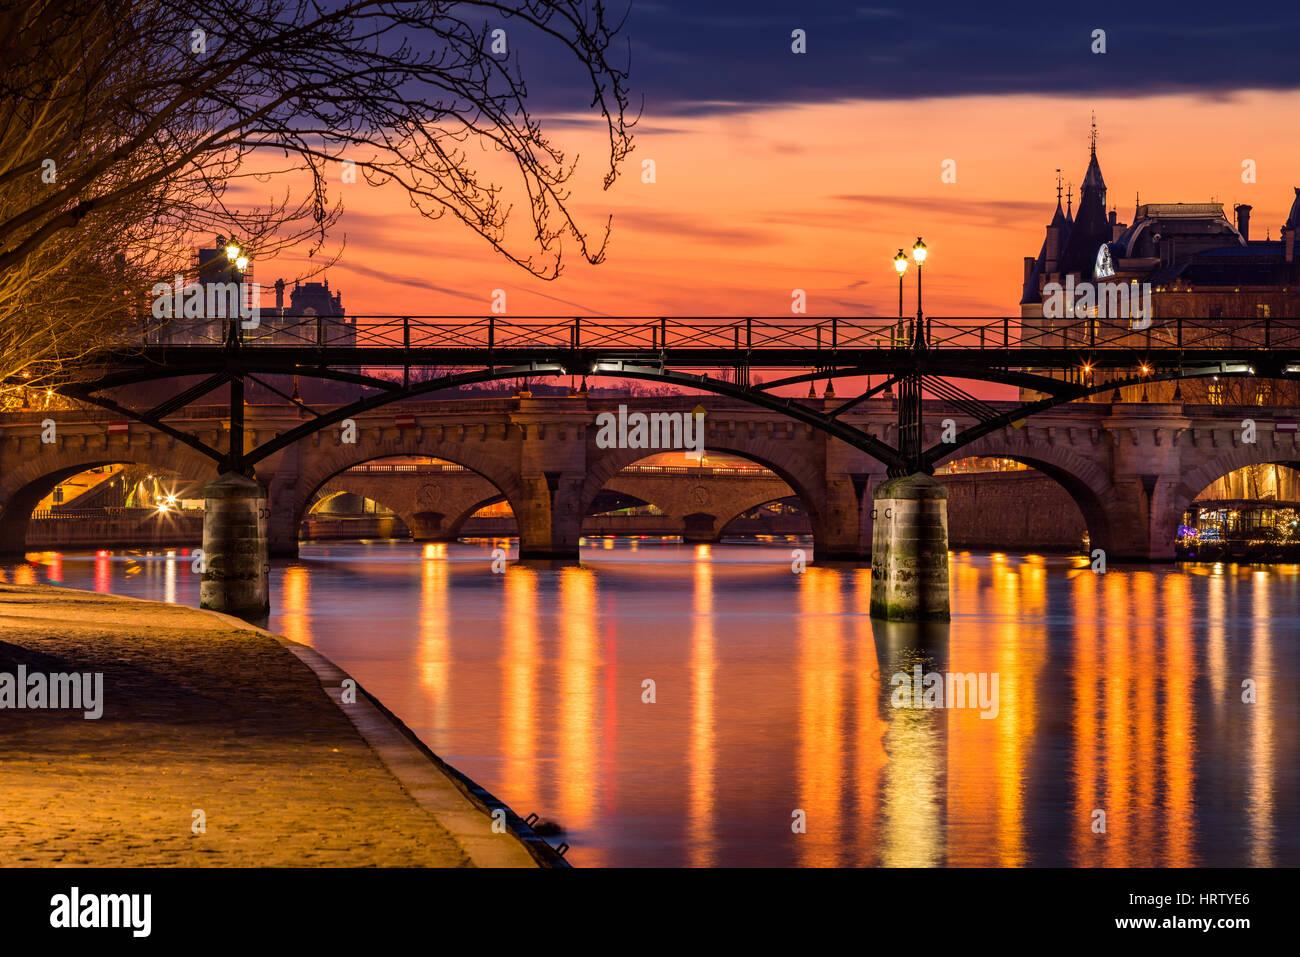 Sunrise on the Seine River, Pond des Arts and Pond Neuf in the 1st Arrondissement of Paris (Ile de la Cite), France - Stock Image